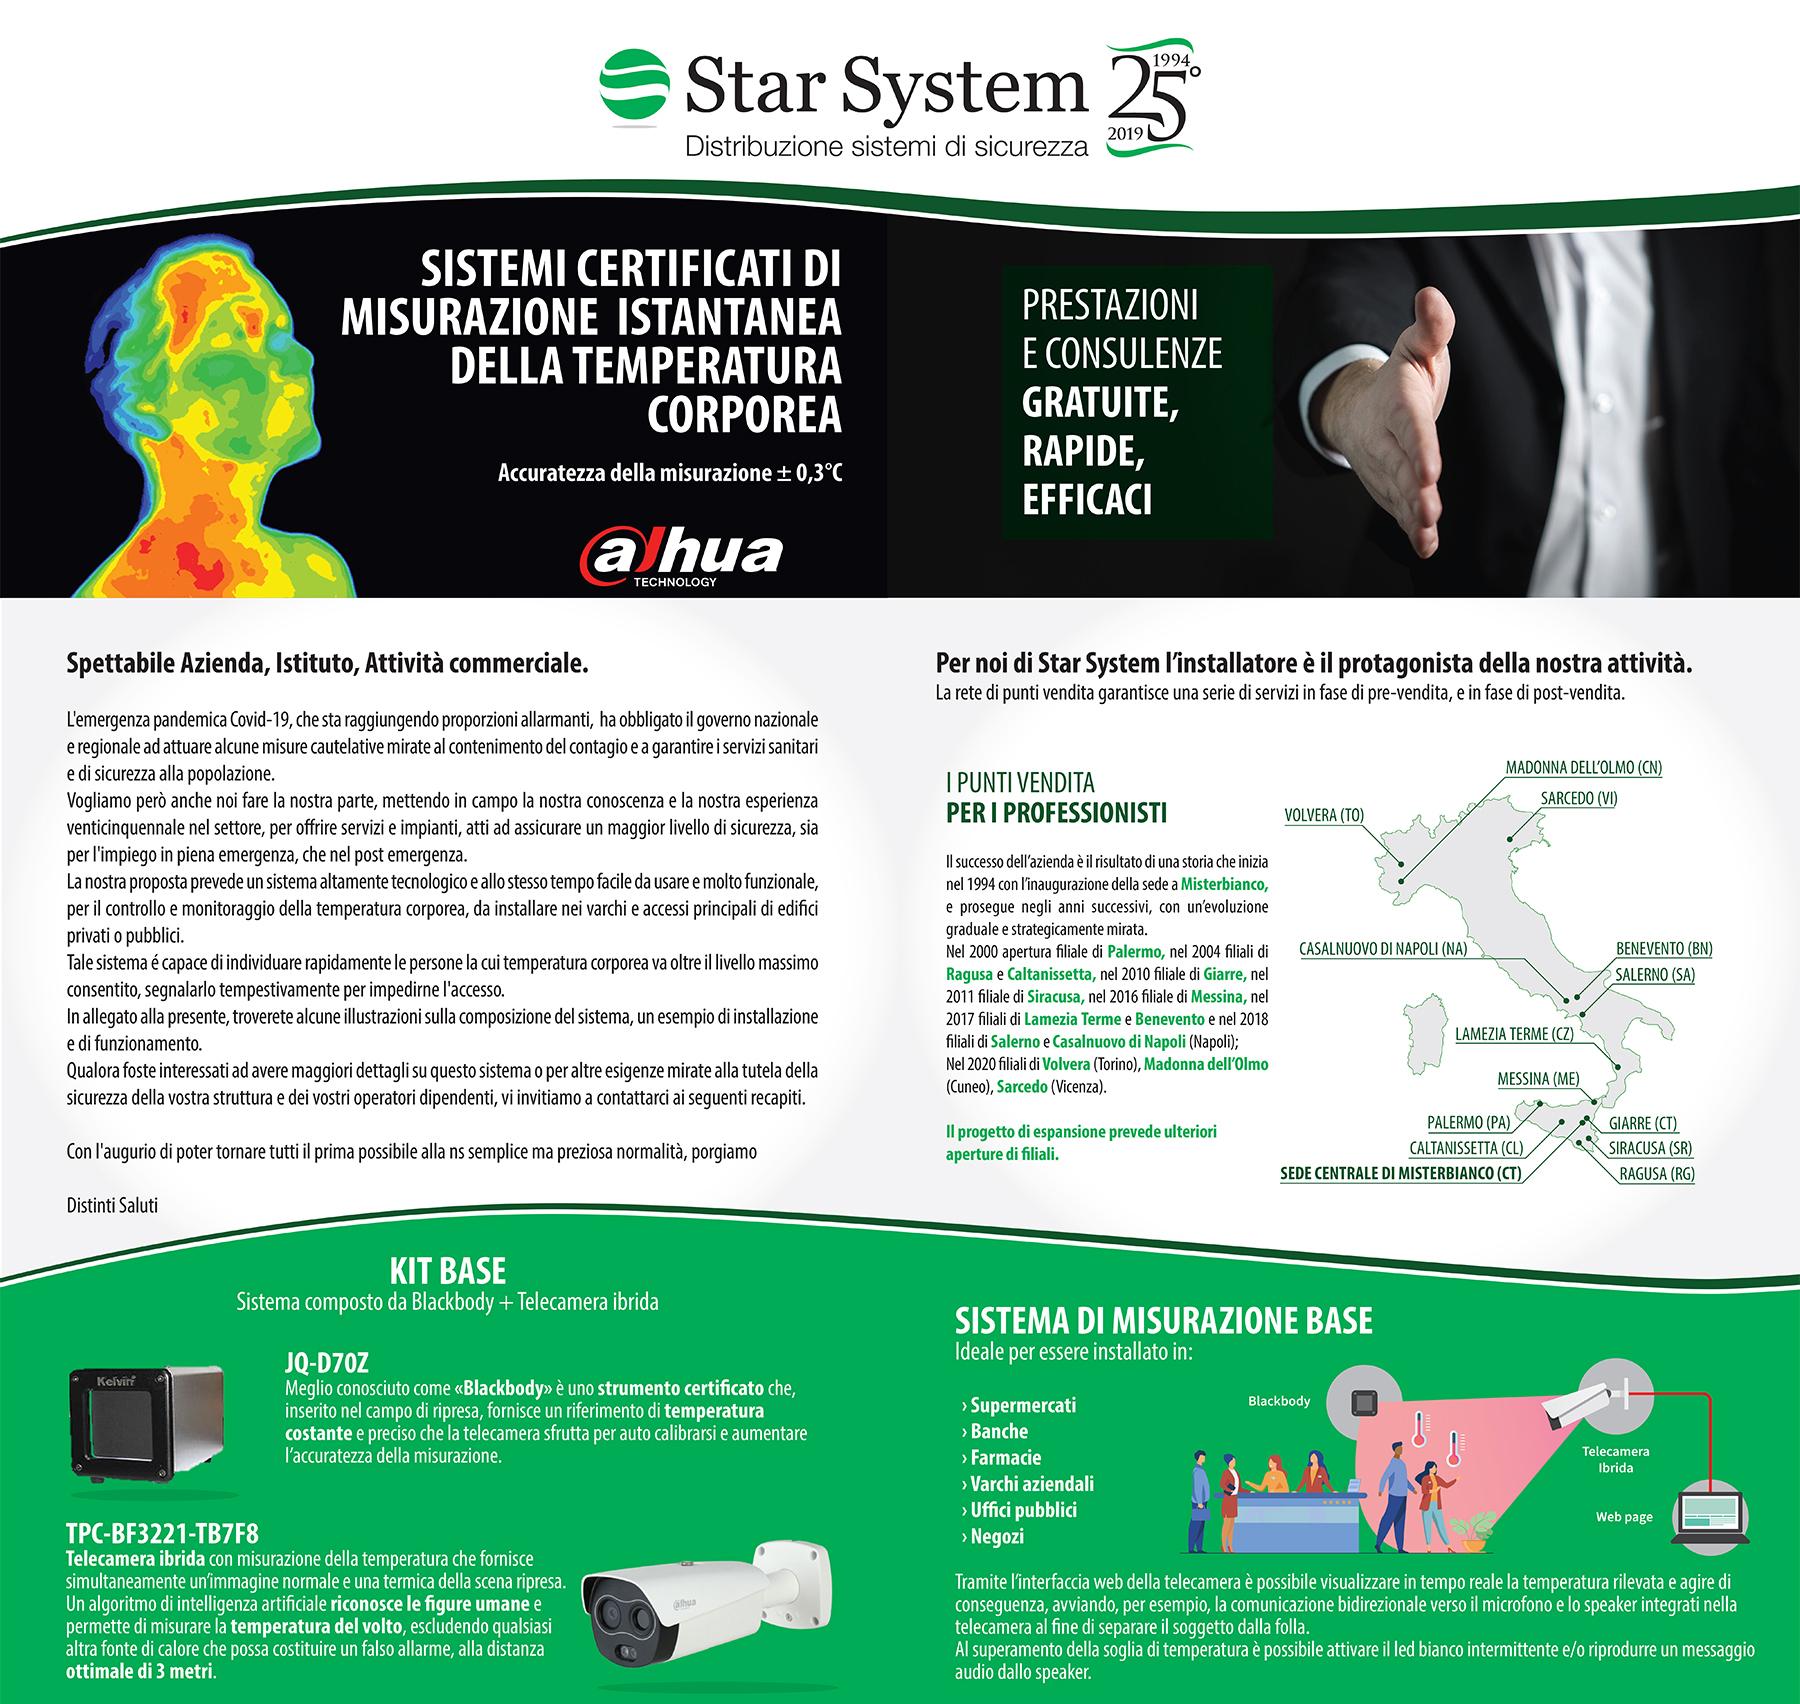 Sistema di misurazione della temperatura corporea